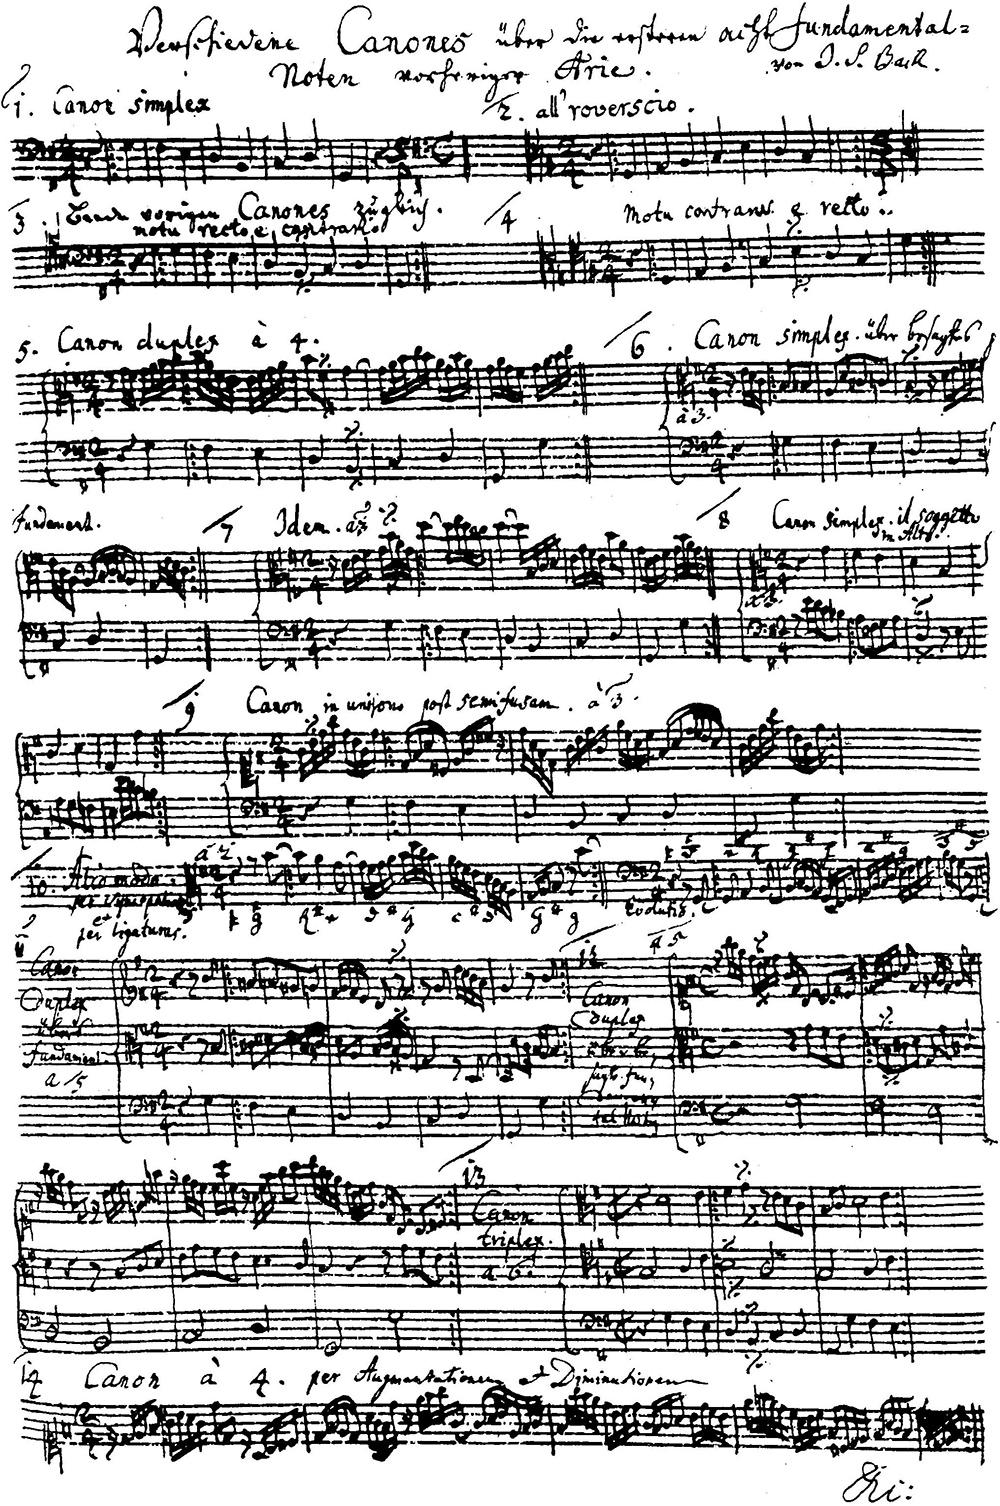 Imagen de la partitura de los 14 cánones